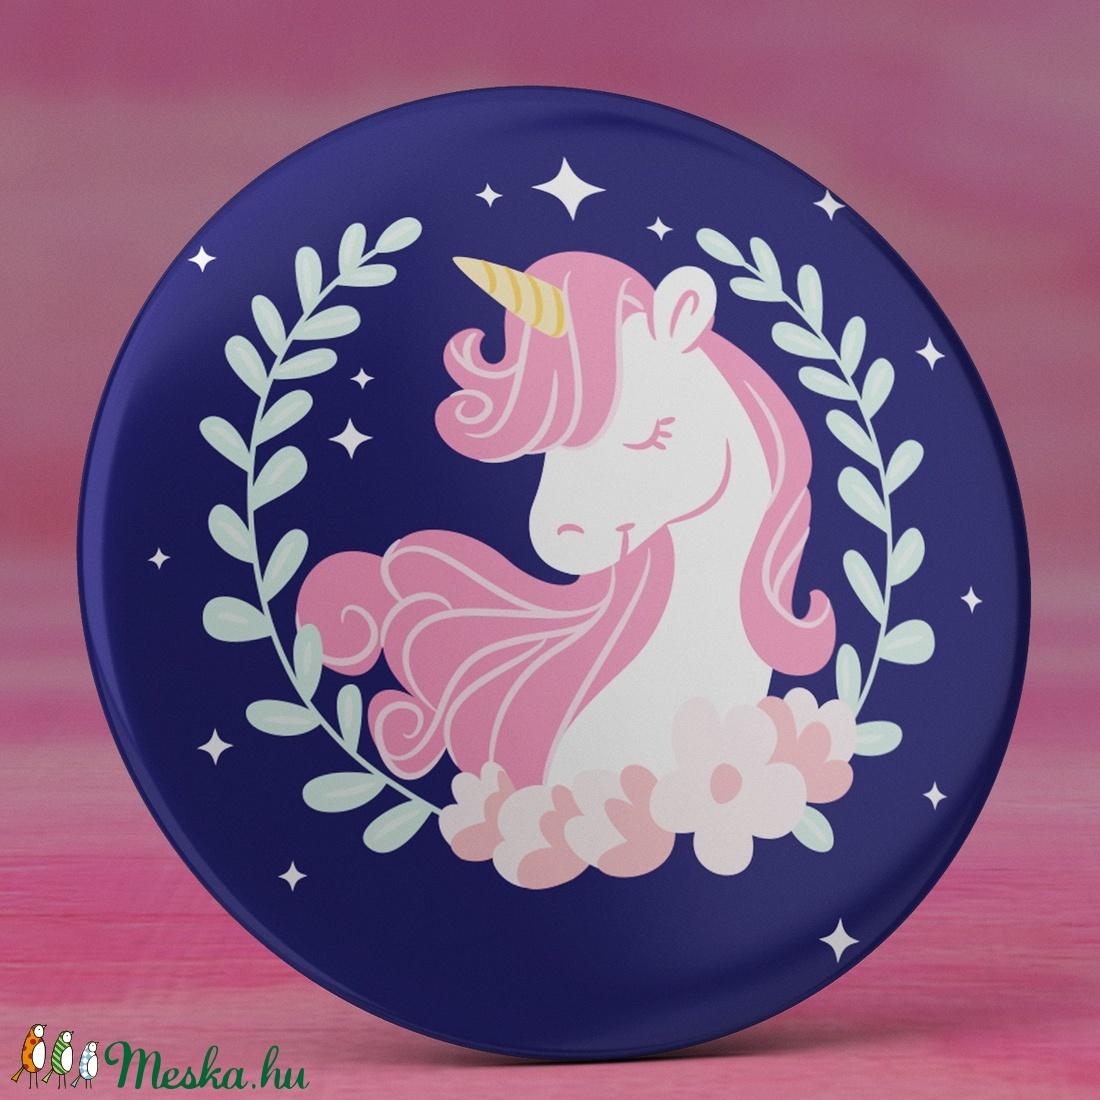 Unikornis hűtőmágnes - kék mágnes - cuki hűtőmágnes - unikornis ajándék - lányos ajándék - cuki rózsaszín unikornis (AngelPin) - Meska.hu